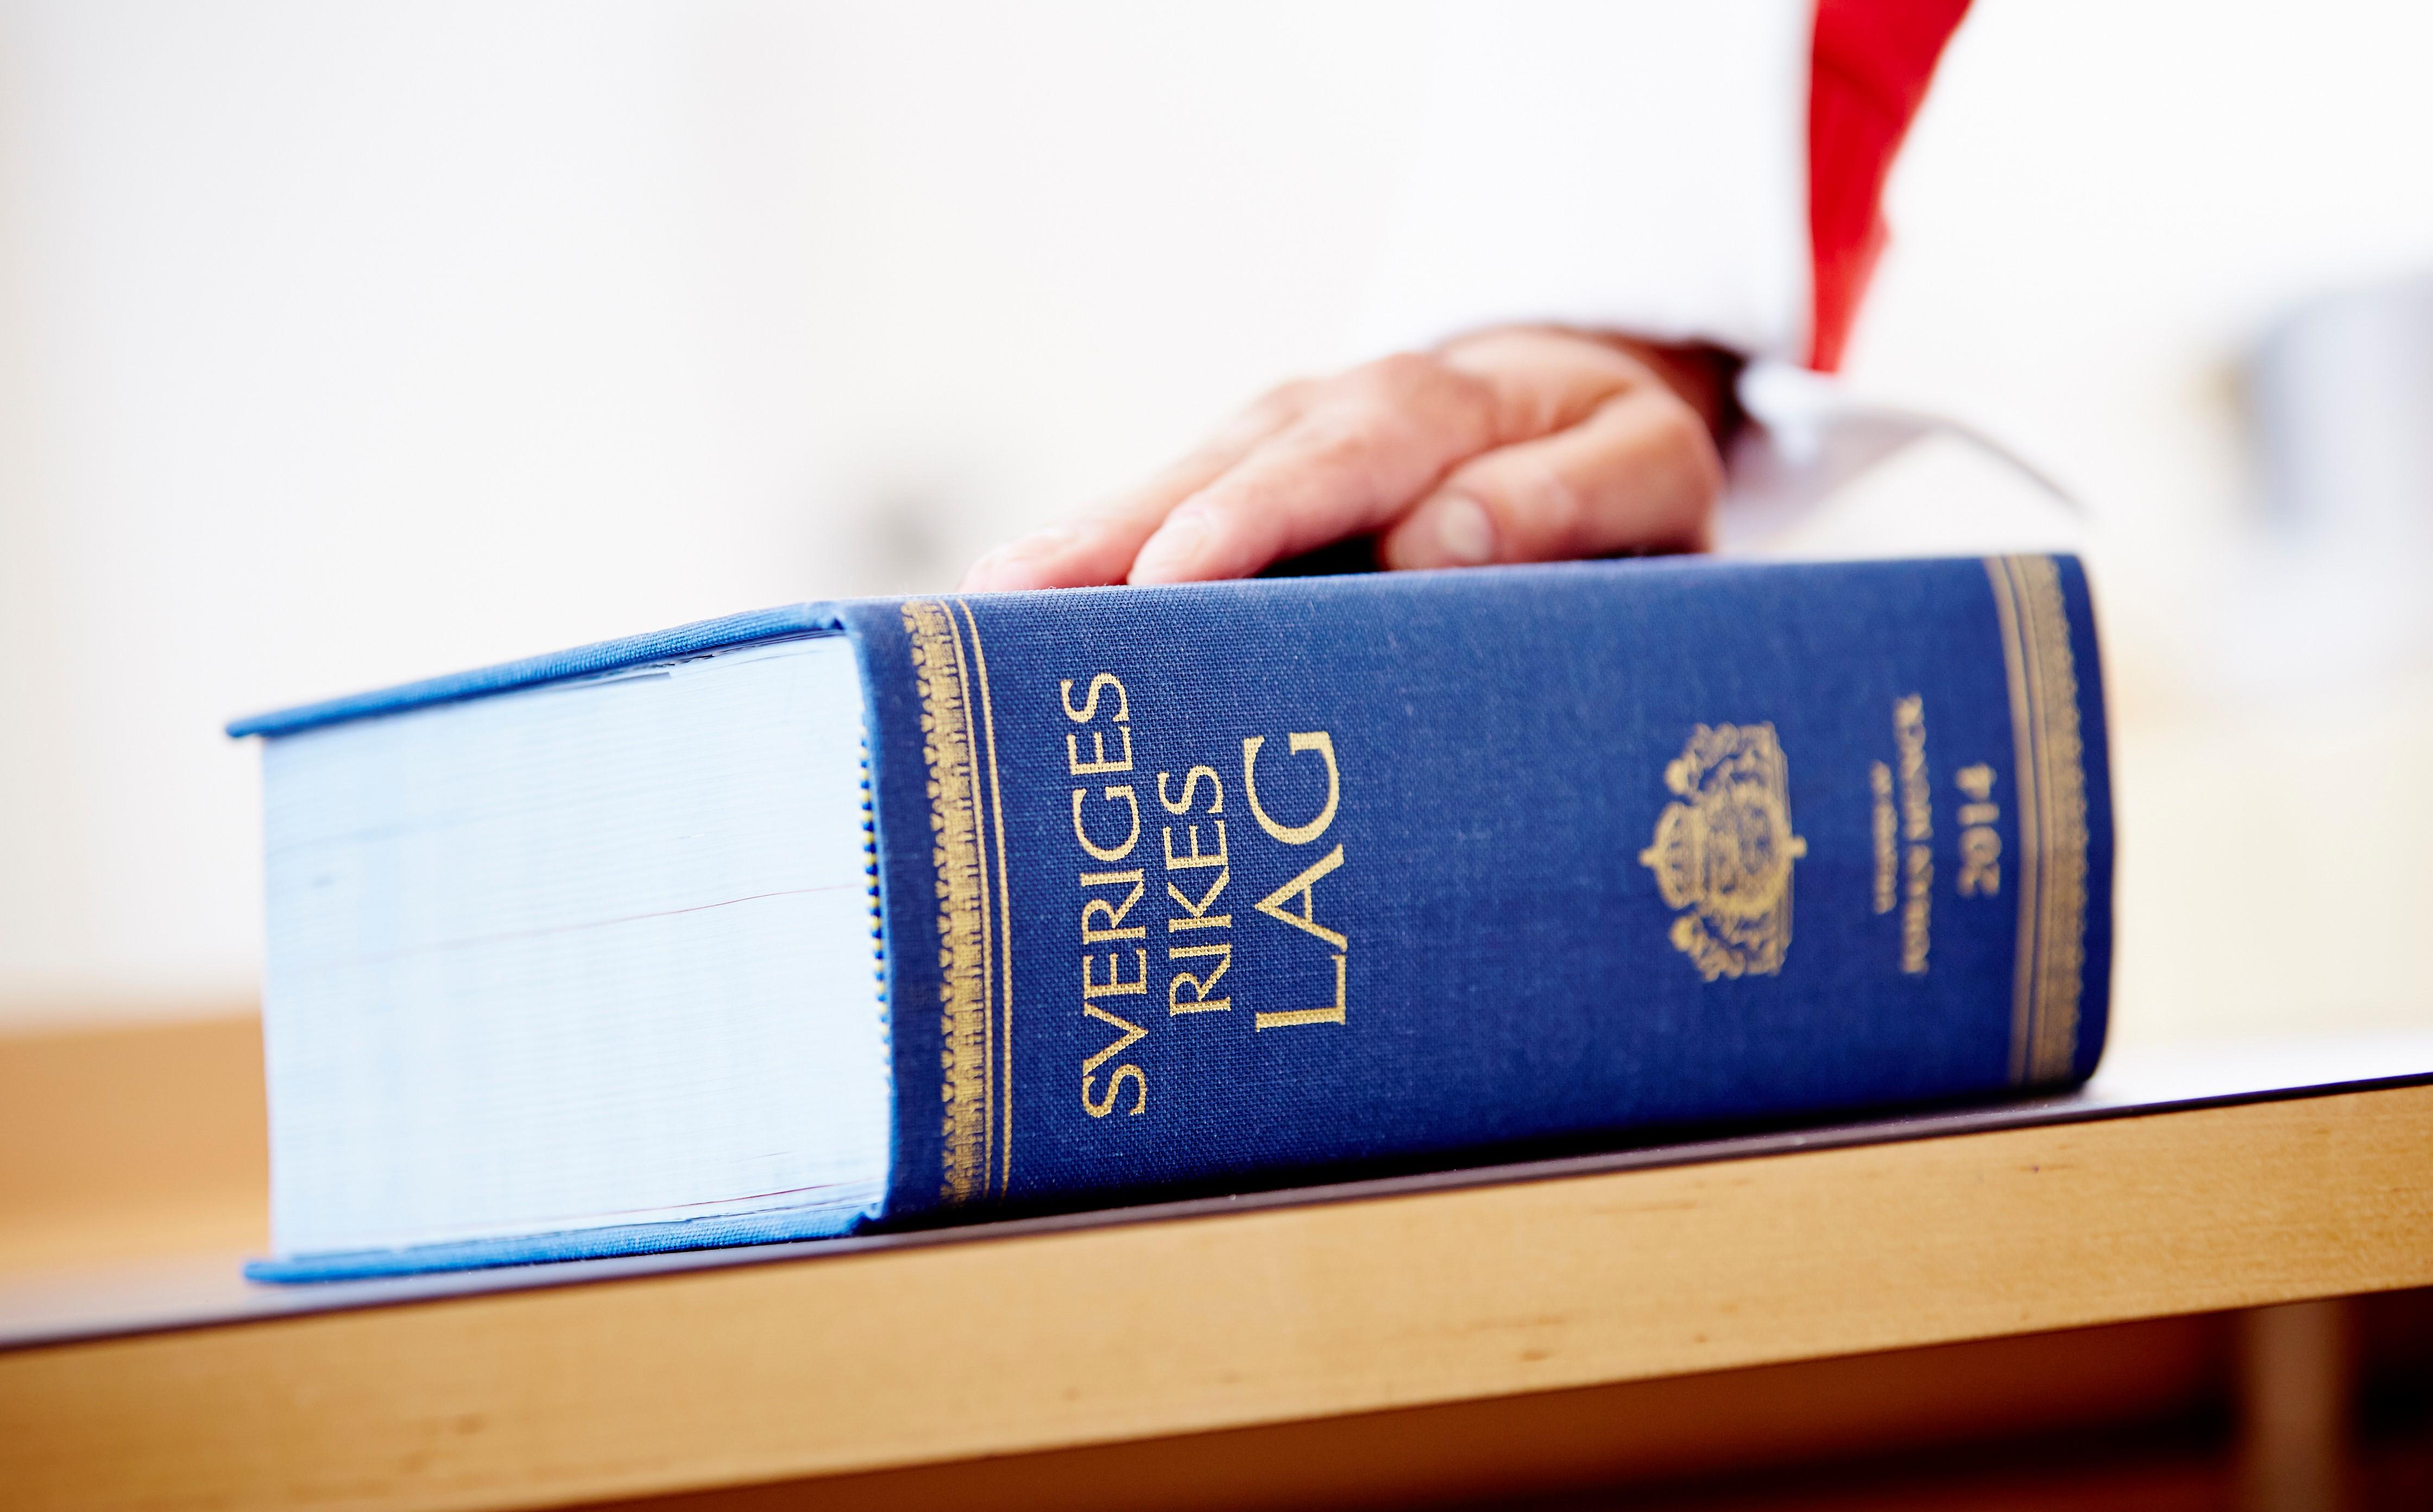 Anbud365: Måtte finne ny oppdragsgiver som adressat for lovlig direkteanskaffelse